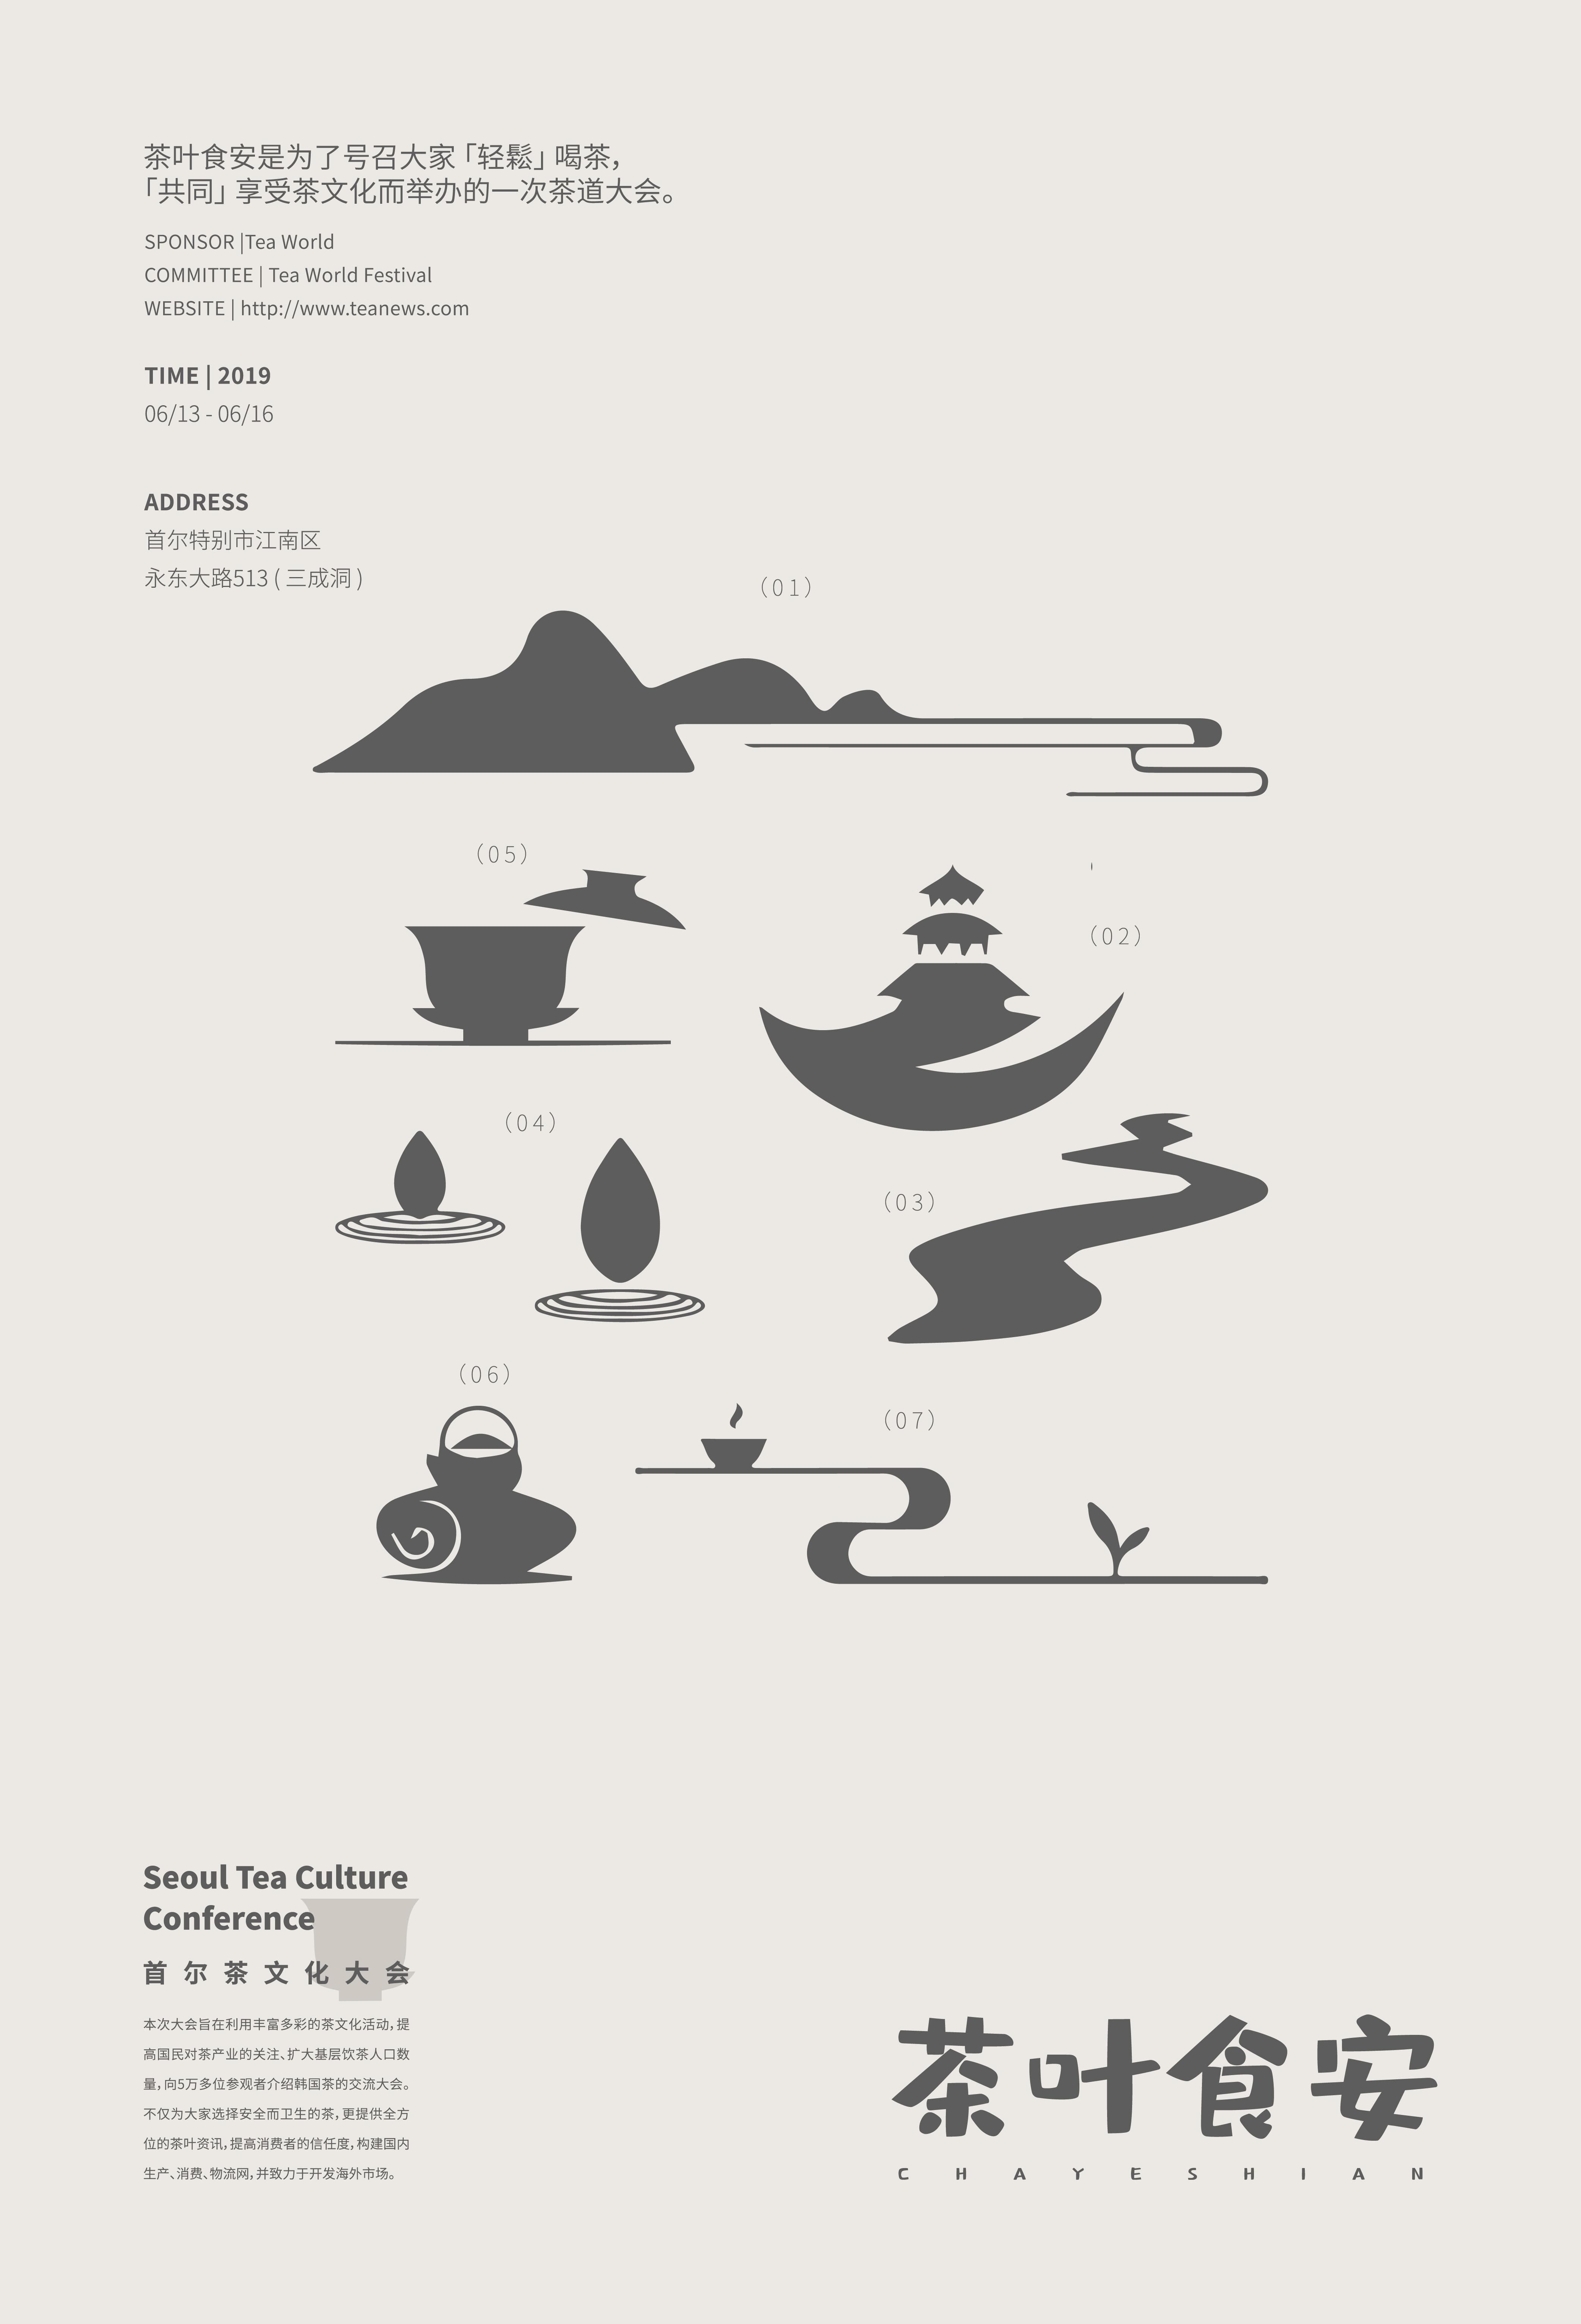 原创活动海报设计宣传单彩页插画单页平面图片贺卡展架门头广告